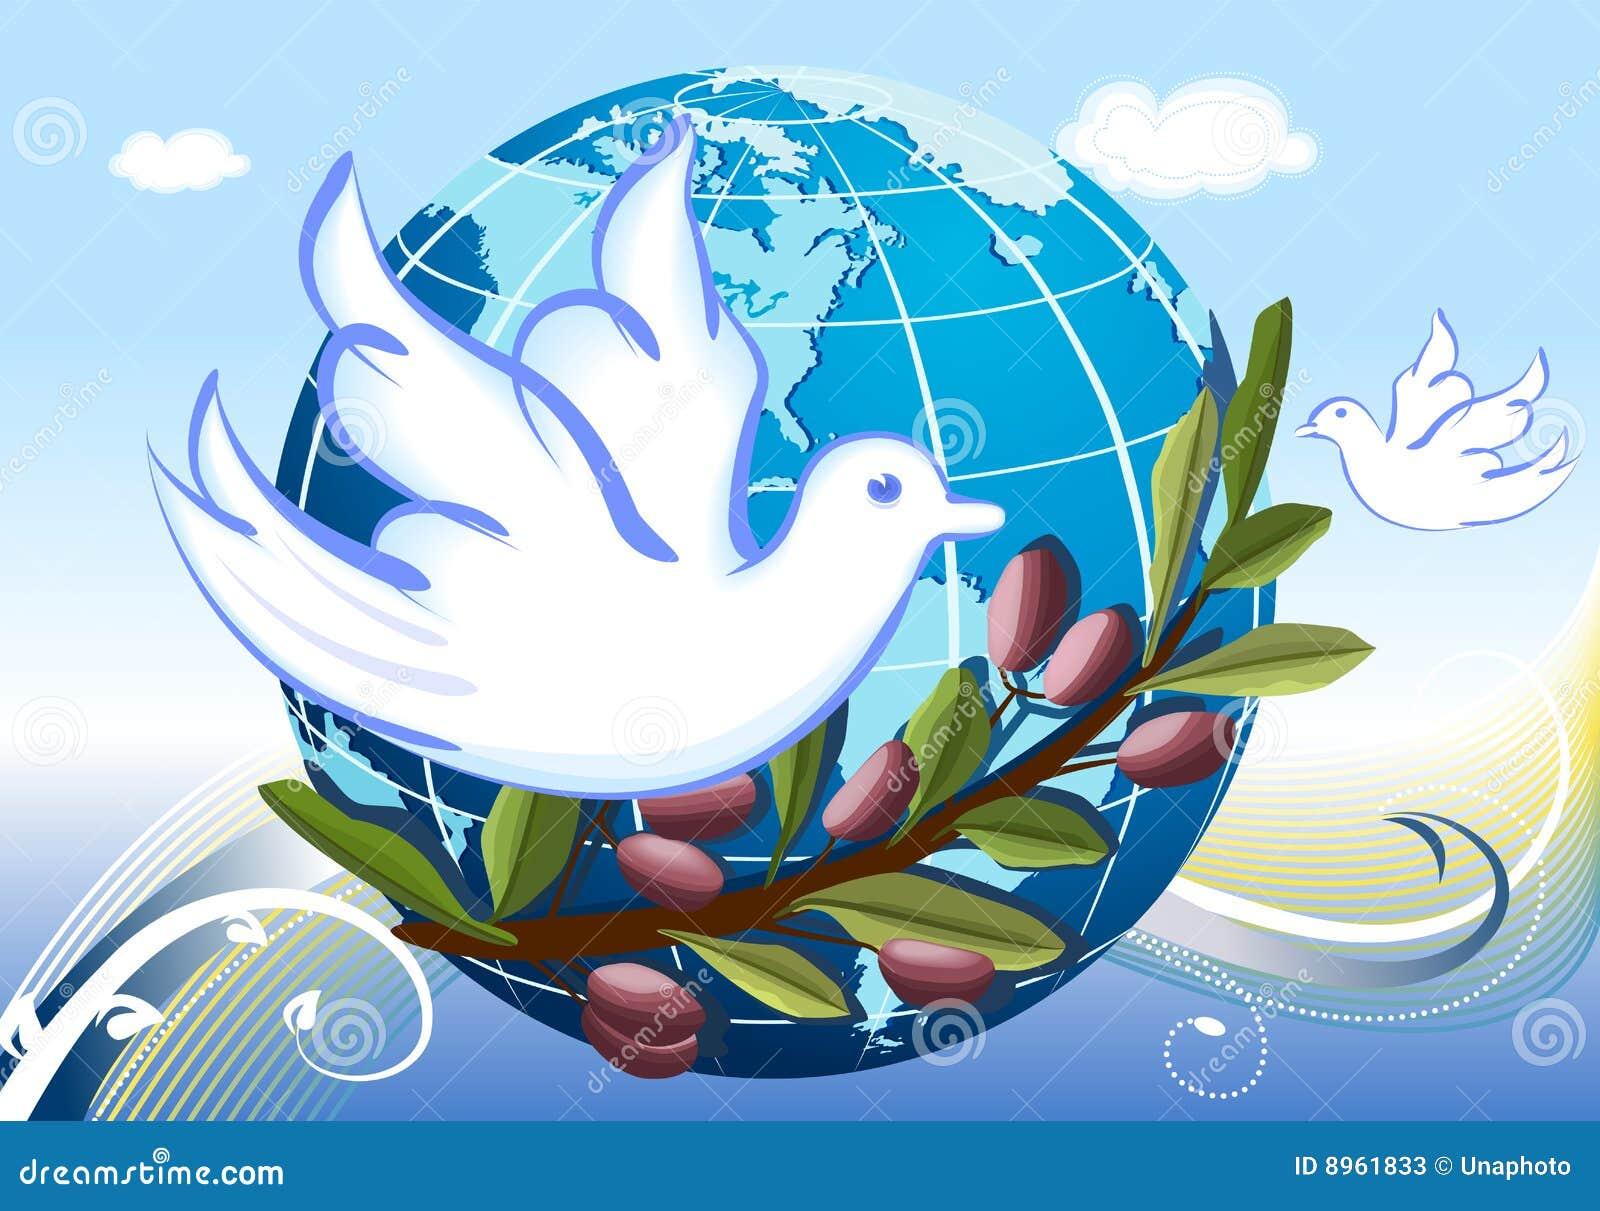 Paz Para El Mundo: Paz Ao Mundo Com Pombas Brancas Ilustração Do Vetor